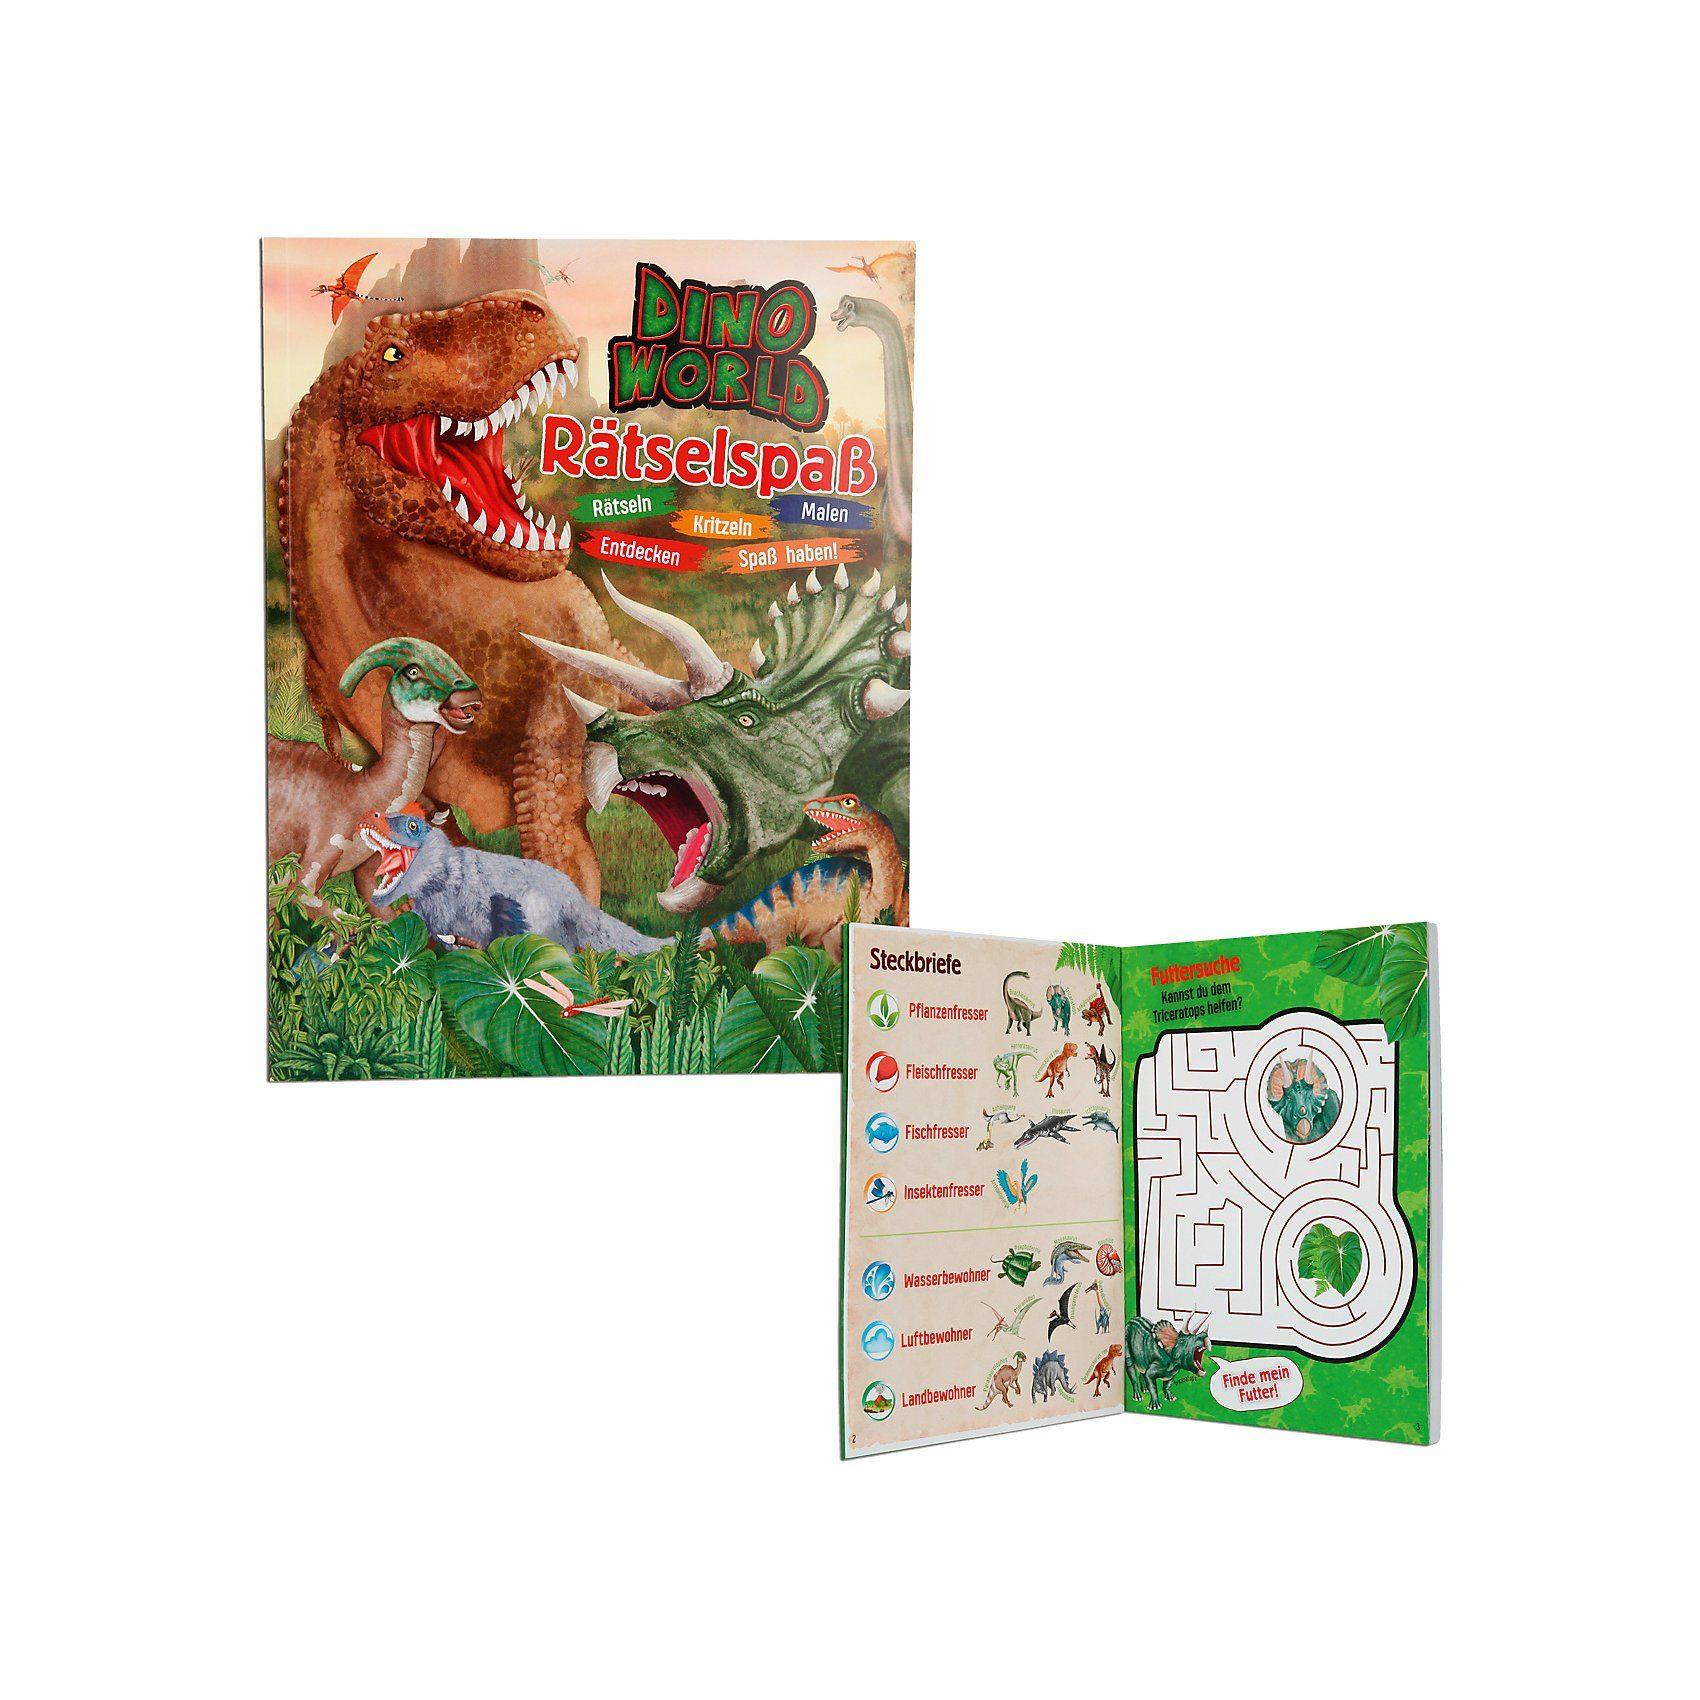 Depesche Dino World Rätselspaß